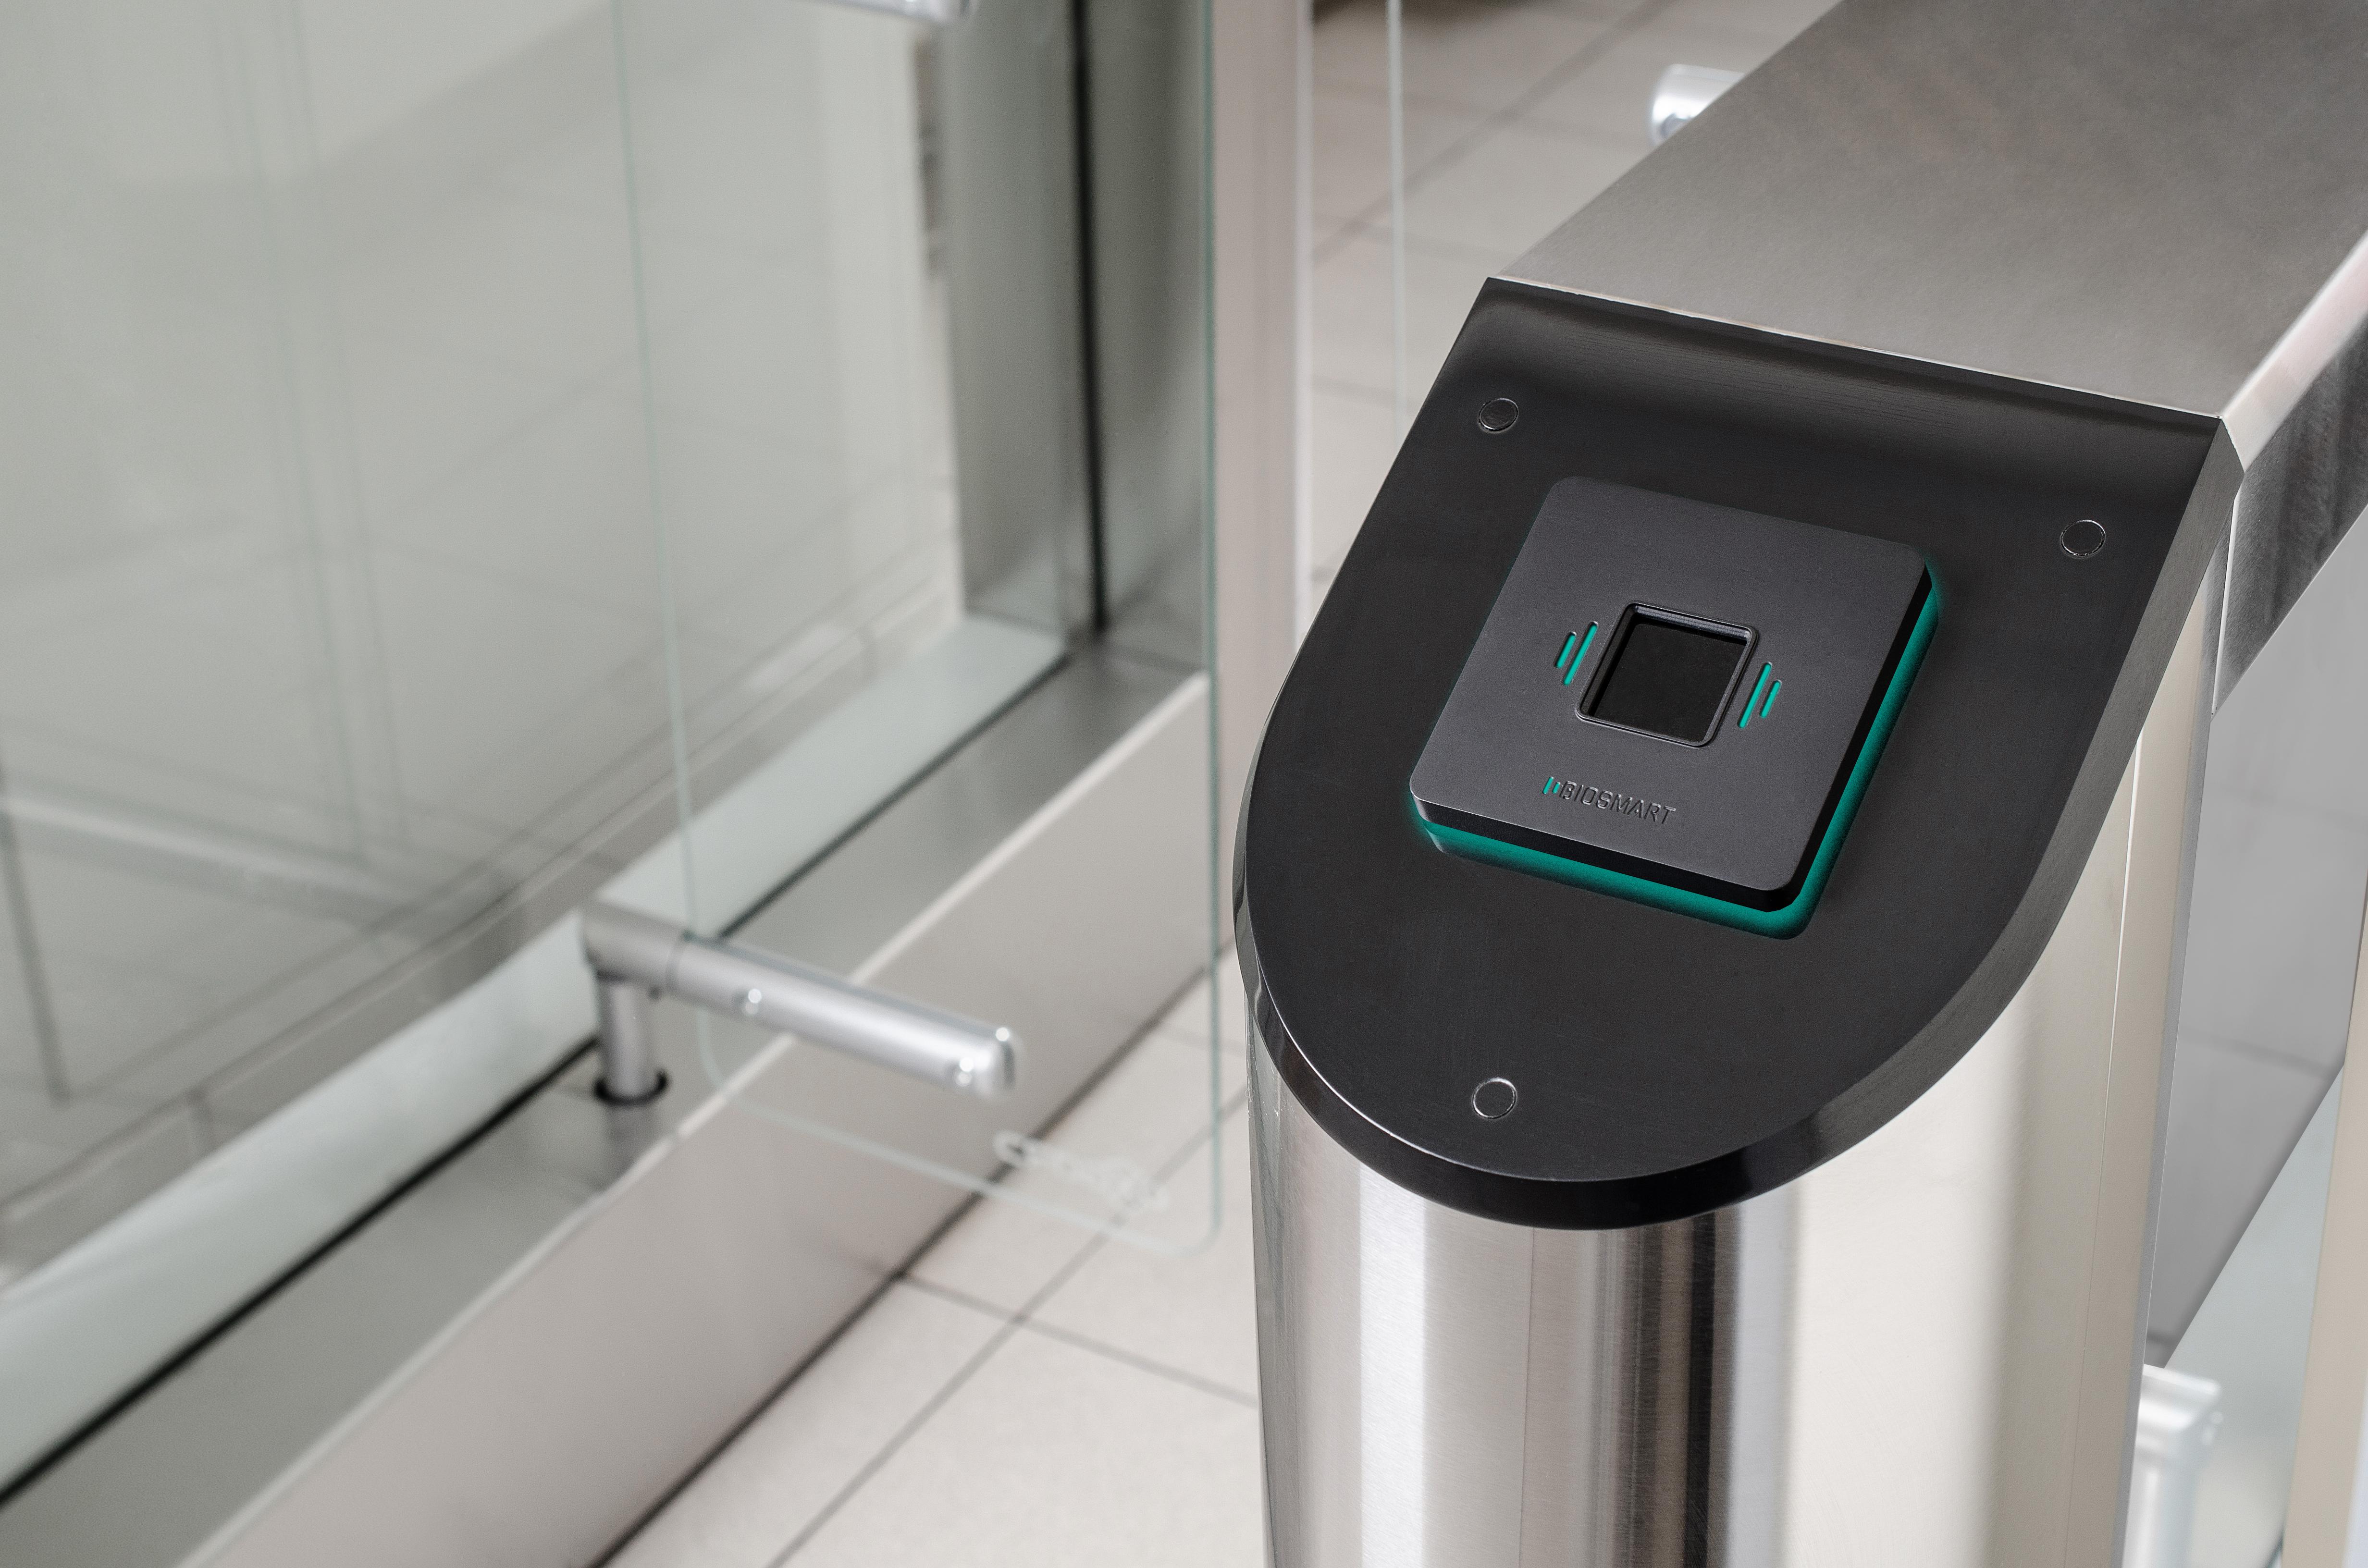 Эксперты РОСНАНО признали бесконтактный сканер вен ладони BioSmart PALMJET инновационным проектом из сферы нанотехнологий